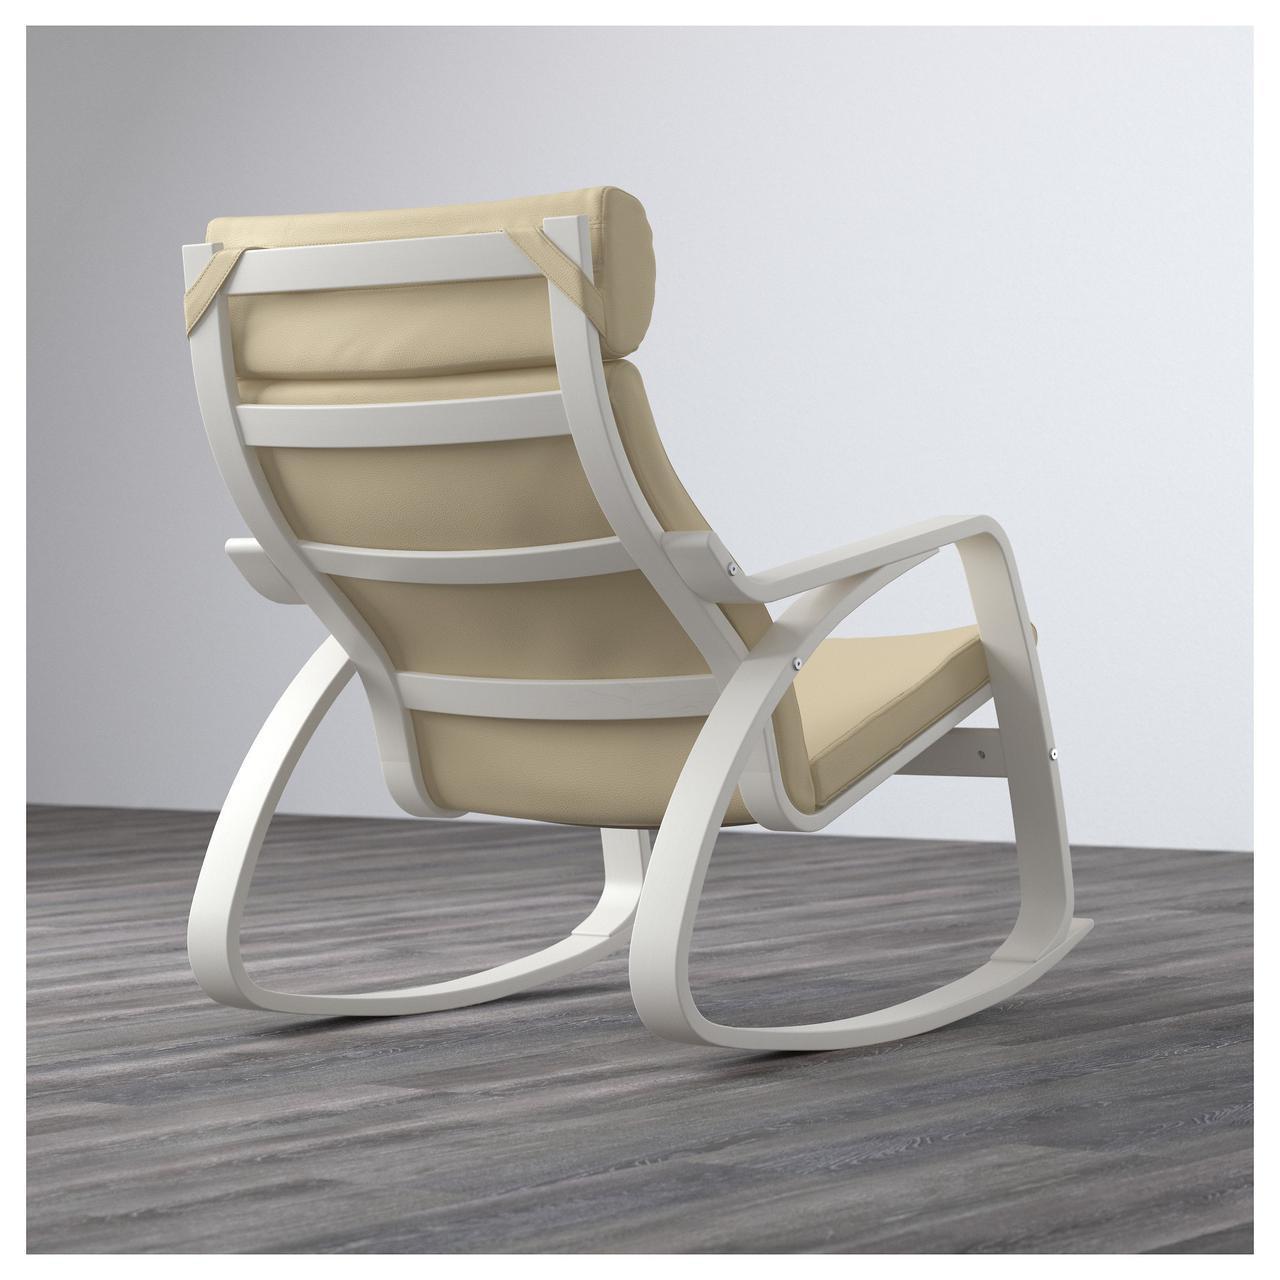 кресло качалка Ikea Poäng Glose кремовое белое 29163261 продажа